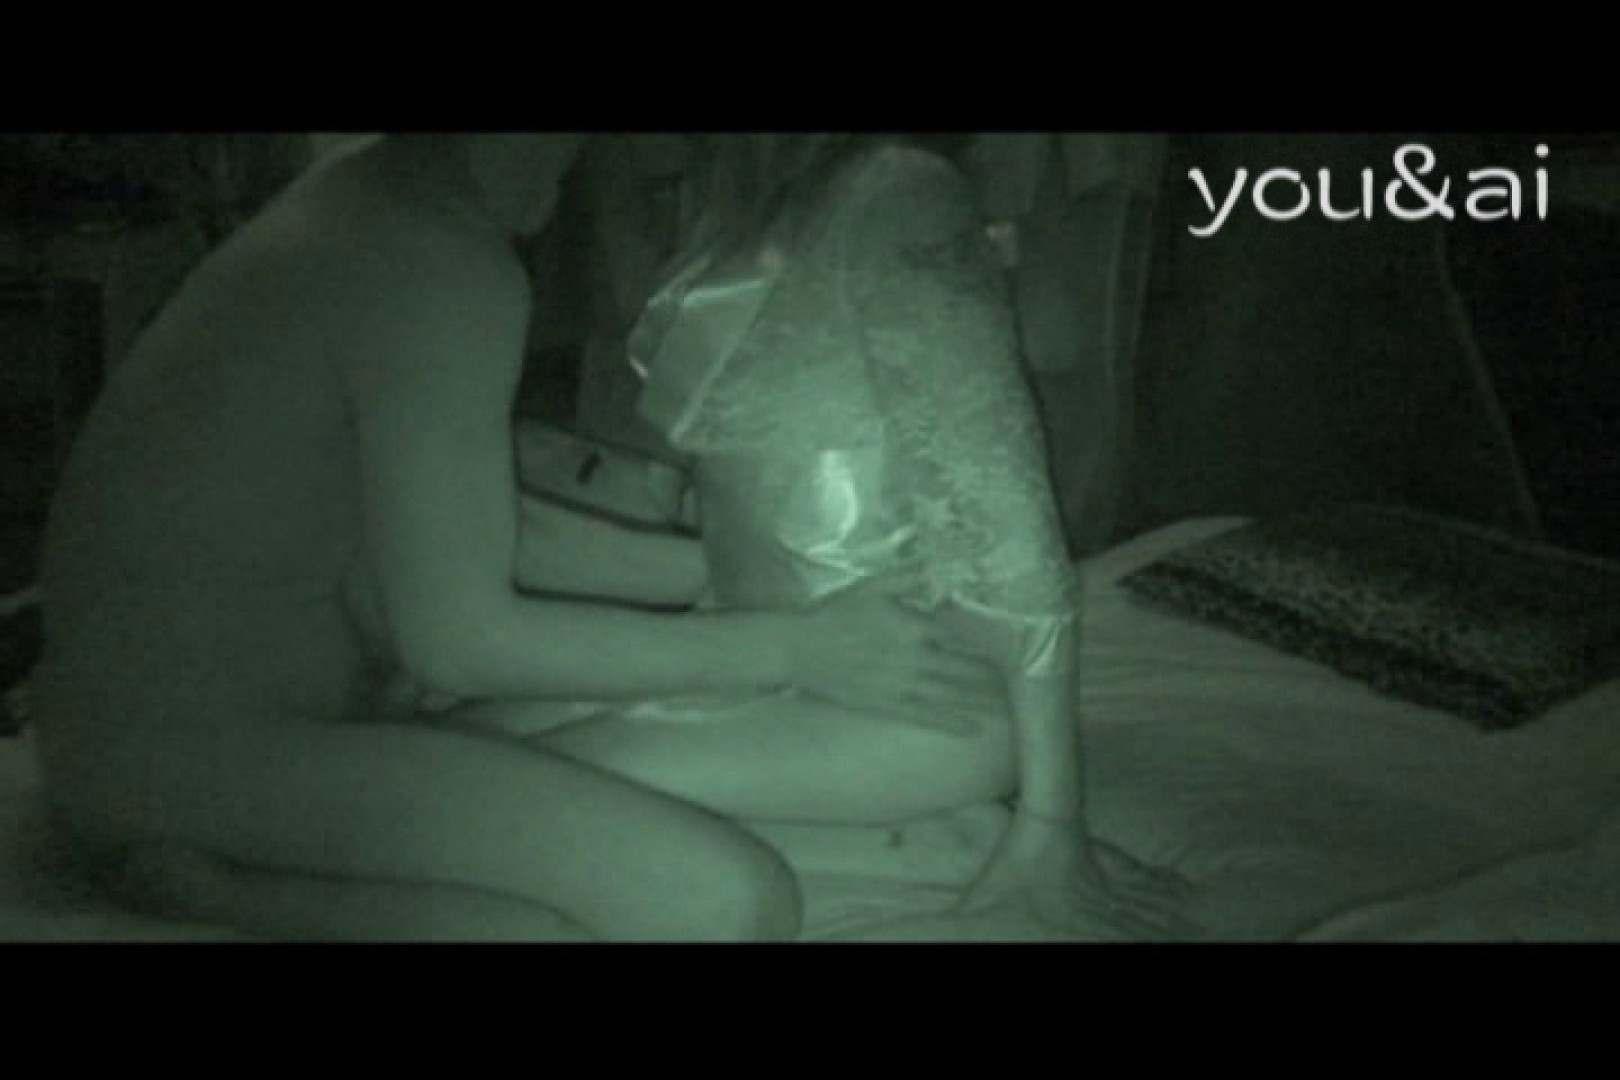 おしどり夫婦のyou&aiさん投稿作品vol.9 一般投稿 性交動画流出 58pic 2